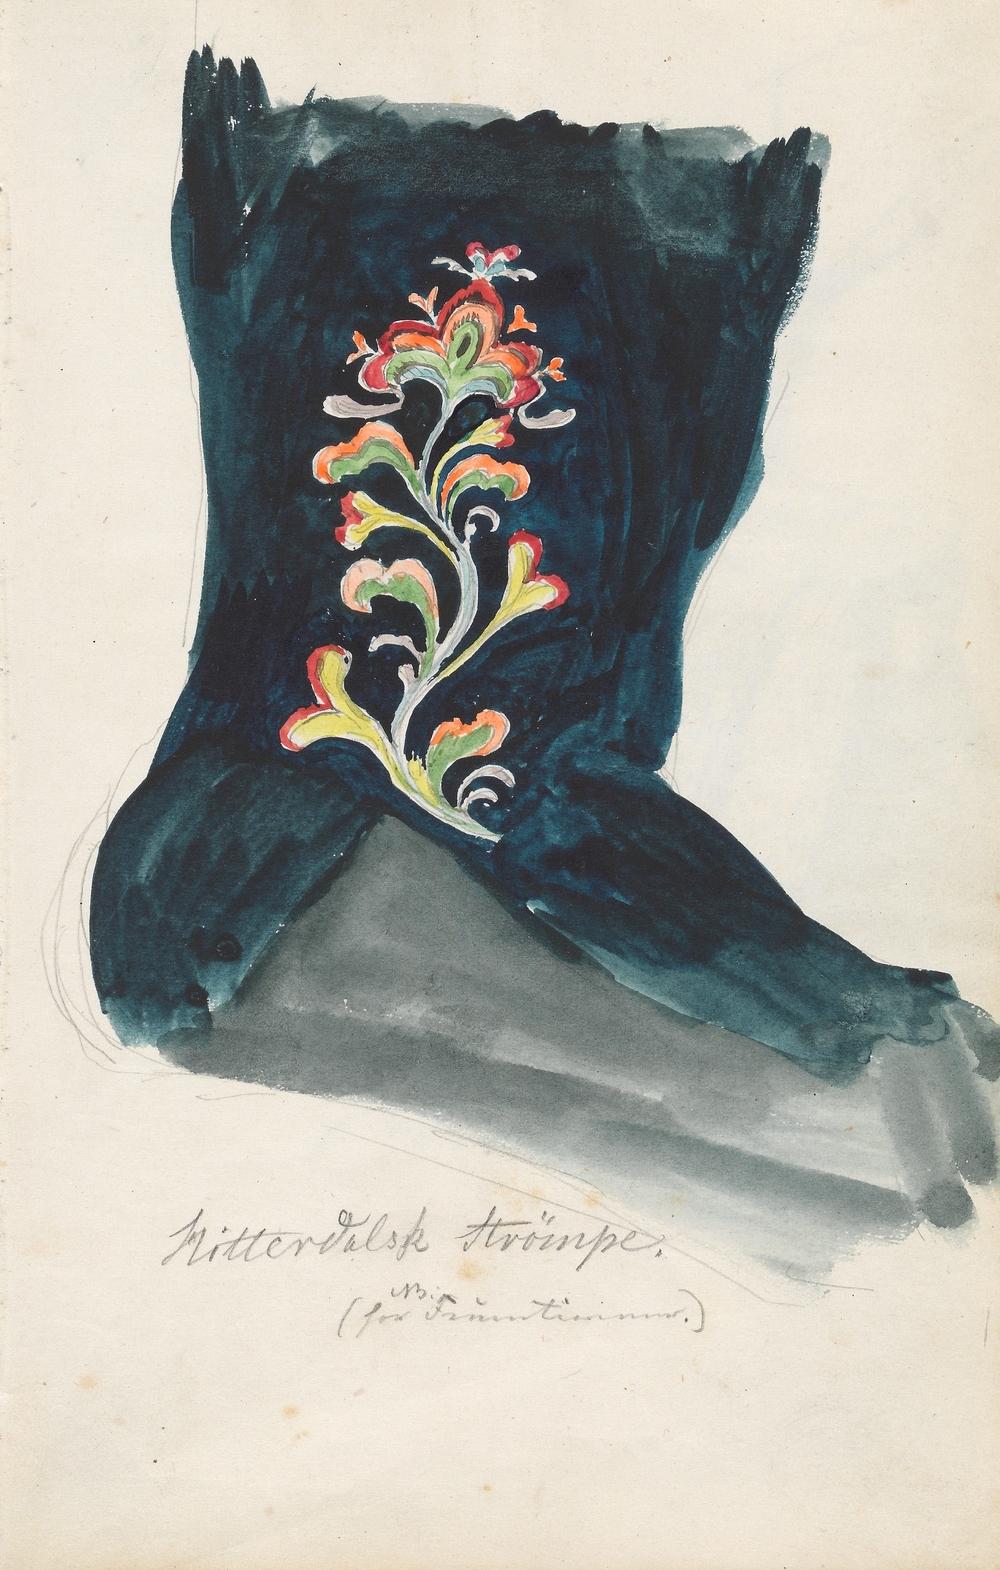 Hitterdalsk Strømpe for NB Fruentimmer. Kvinnestrømpe av mørkeblått tøy med rosesøm. Foto: Nasjonalmuseet CC-BY-NC